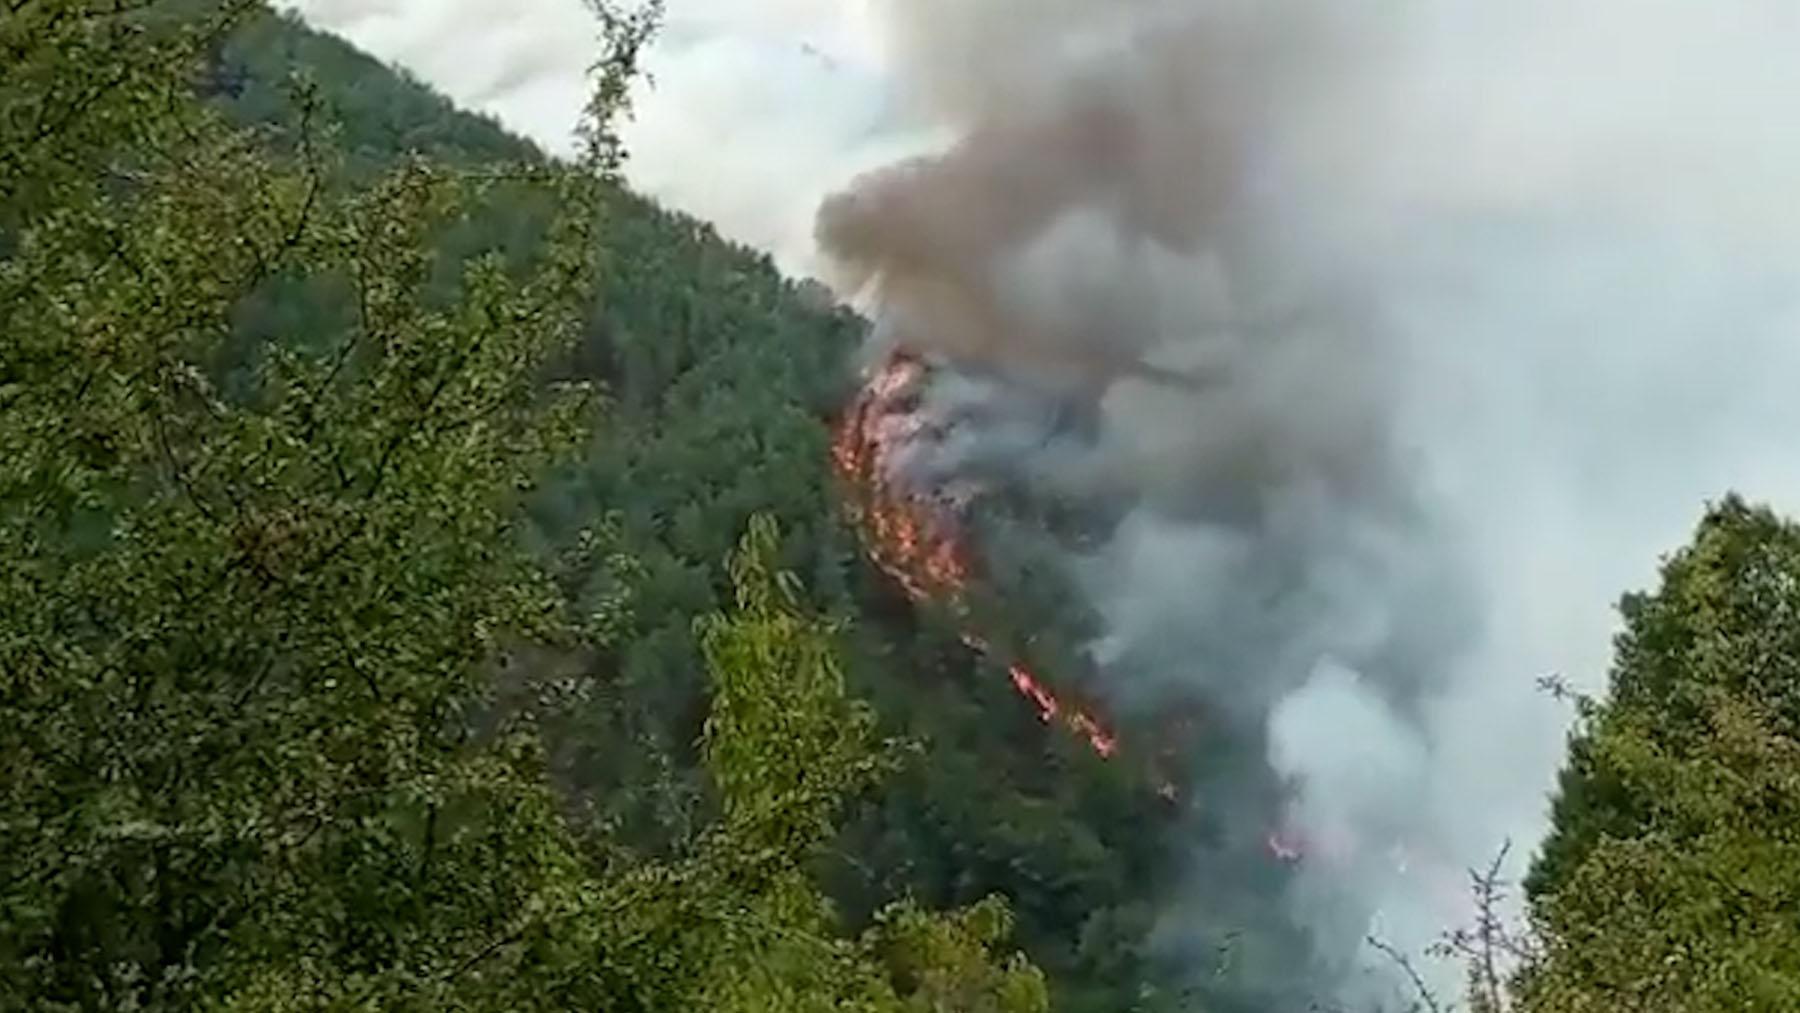 Virulento incendio en La Ribera Sacra, Lugo.